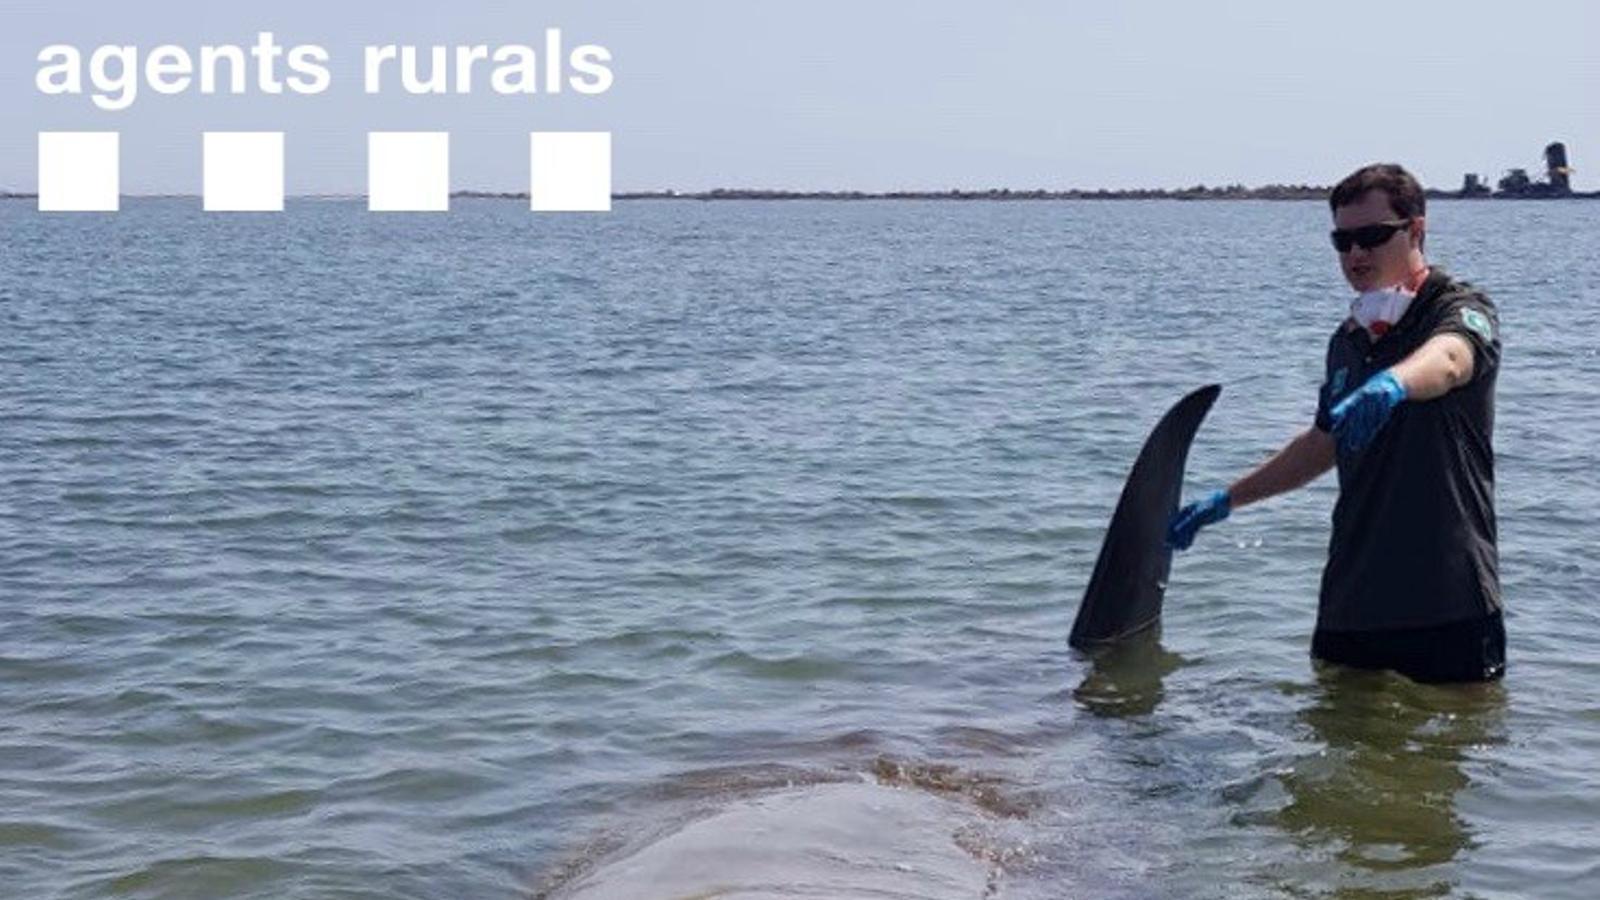 Els agents rurals han aconseguit rescatar una balena varada a l'Ebre